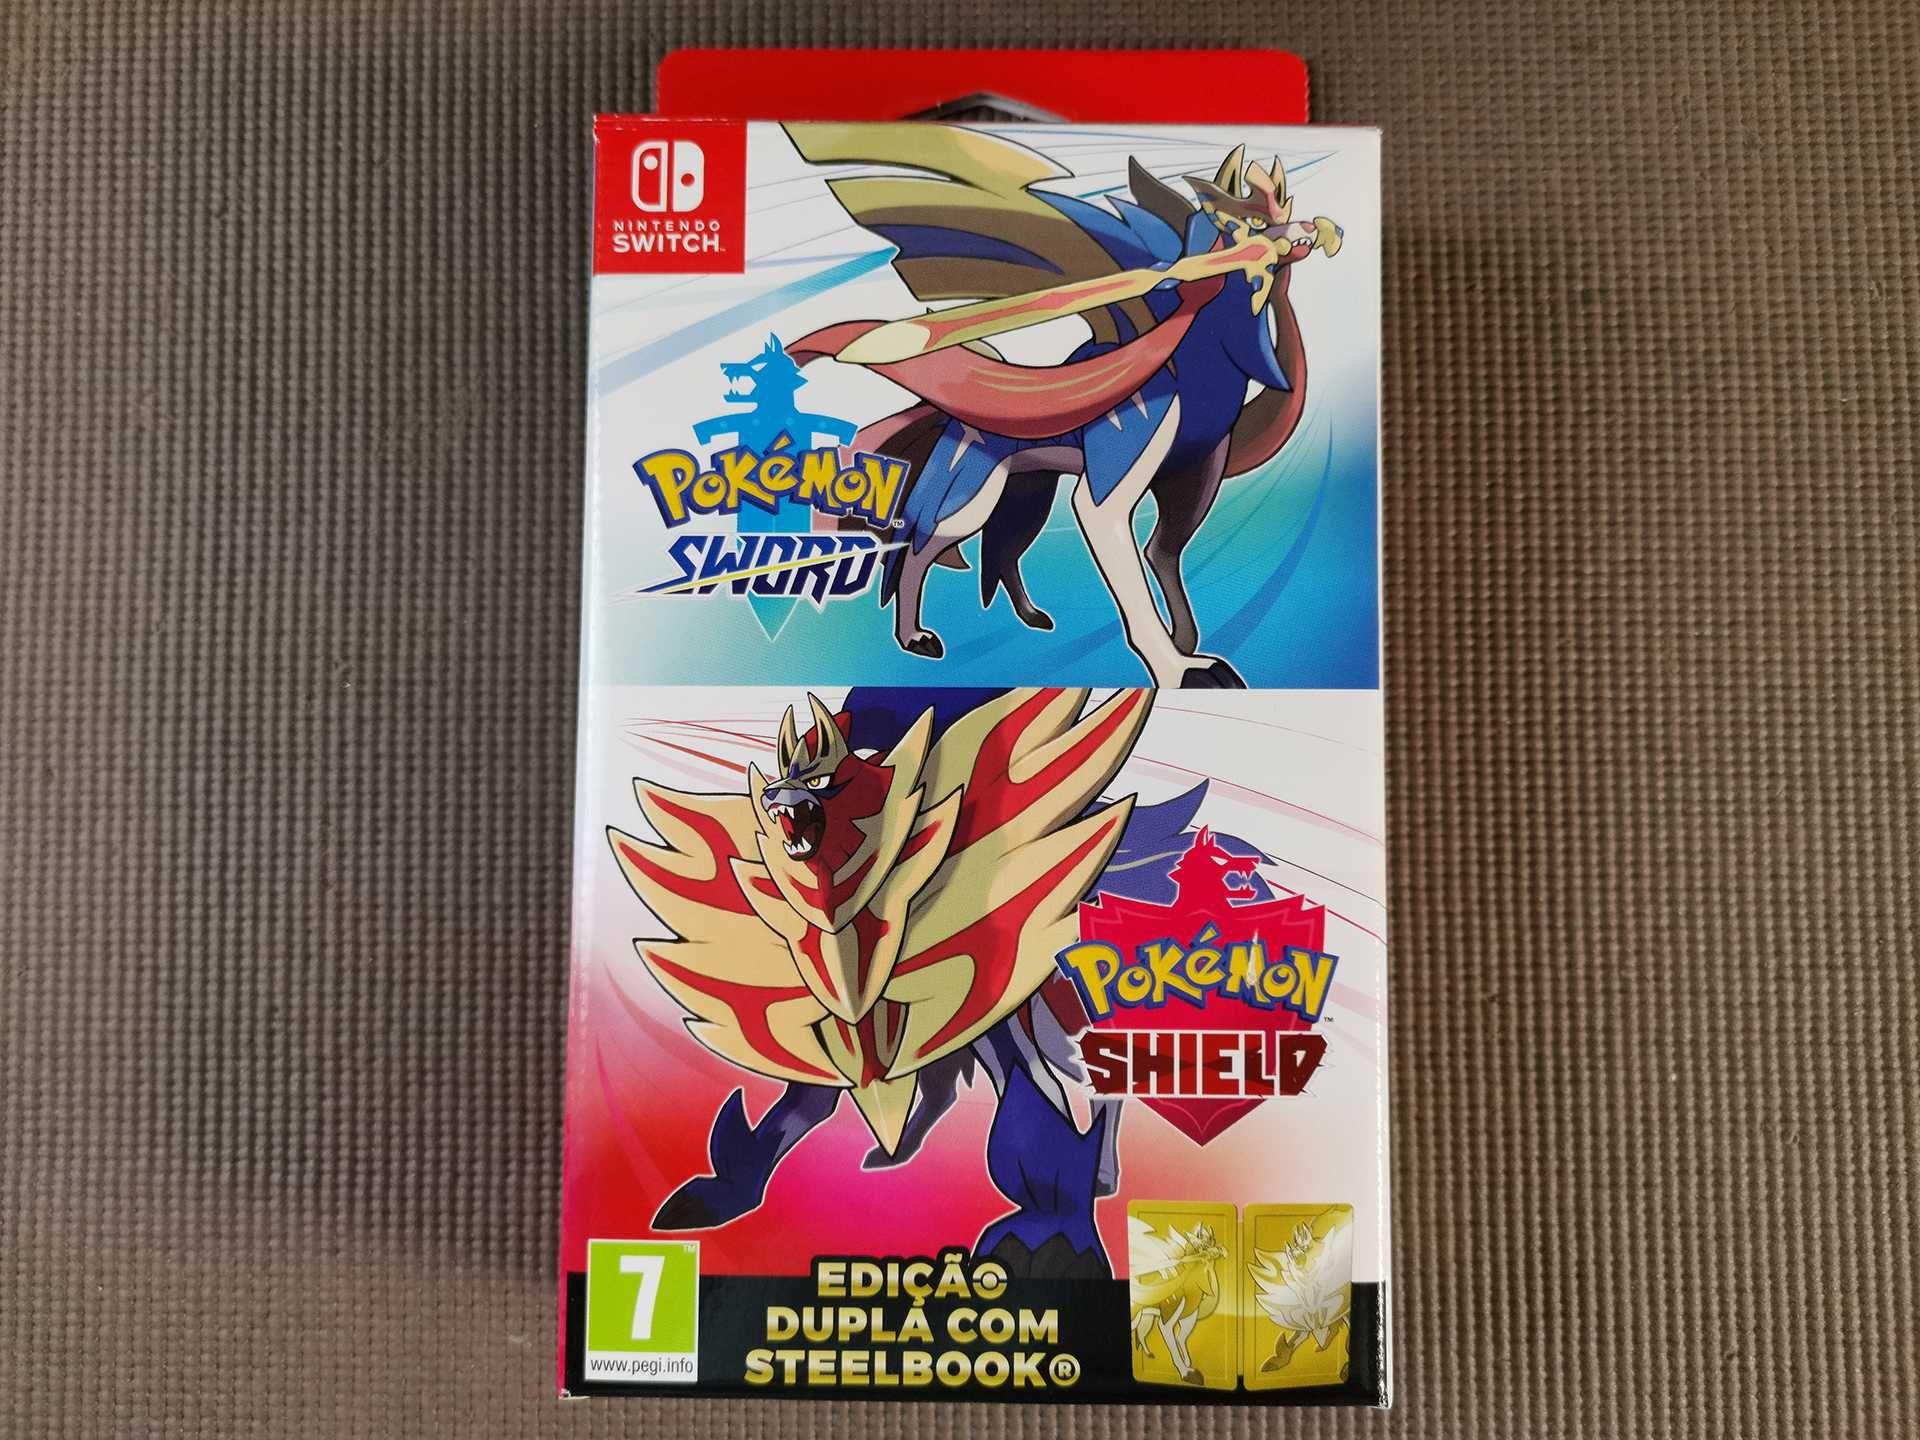 Pokemon Edição Especial Sword Shield Dupla SteelBook Nintendo Switch